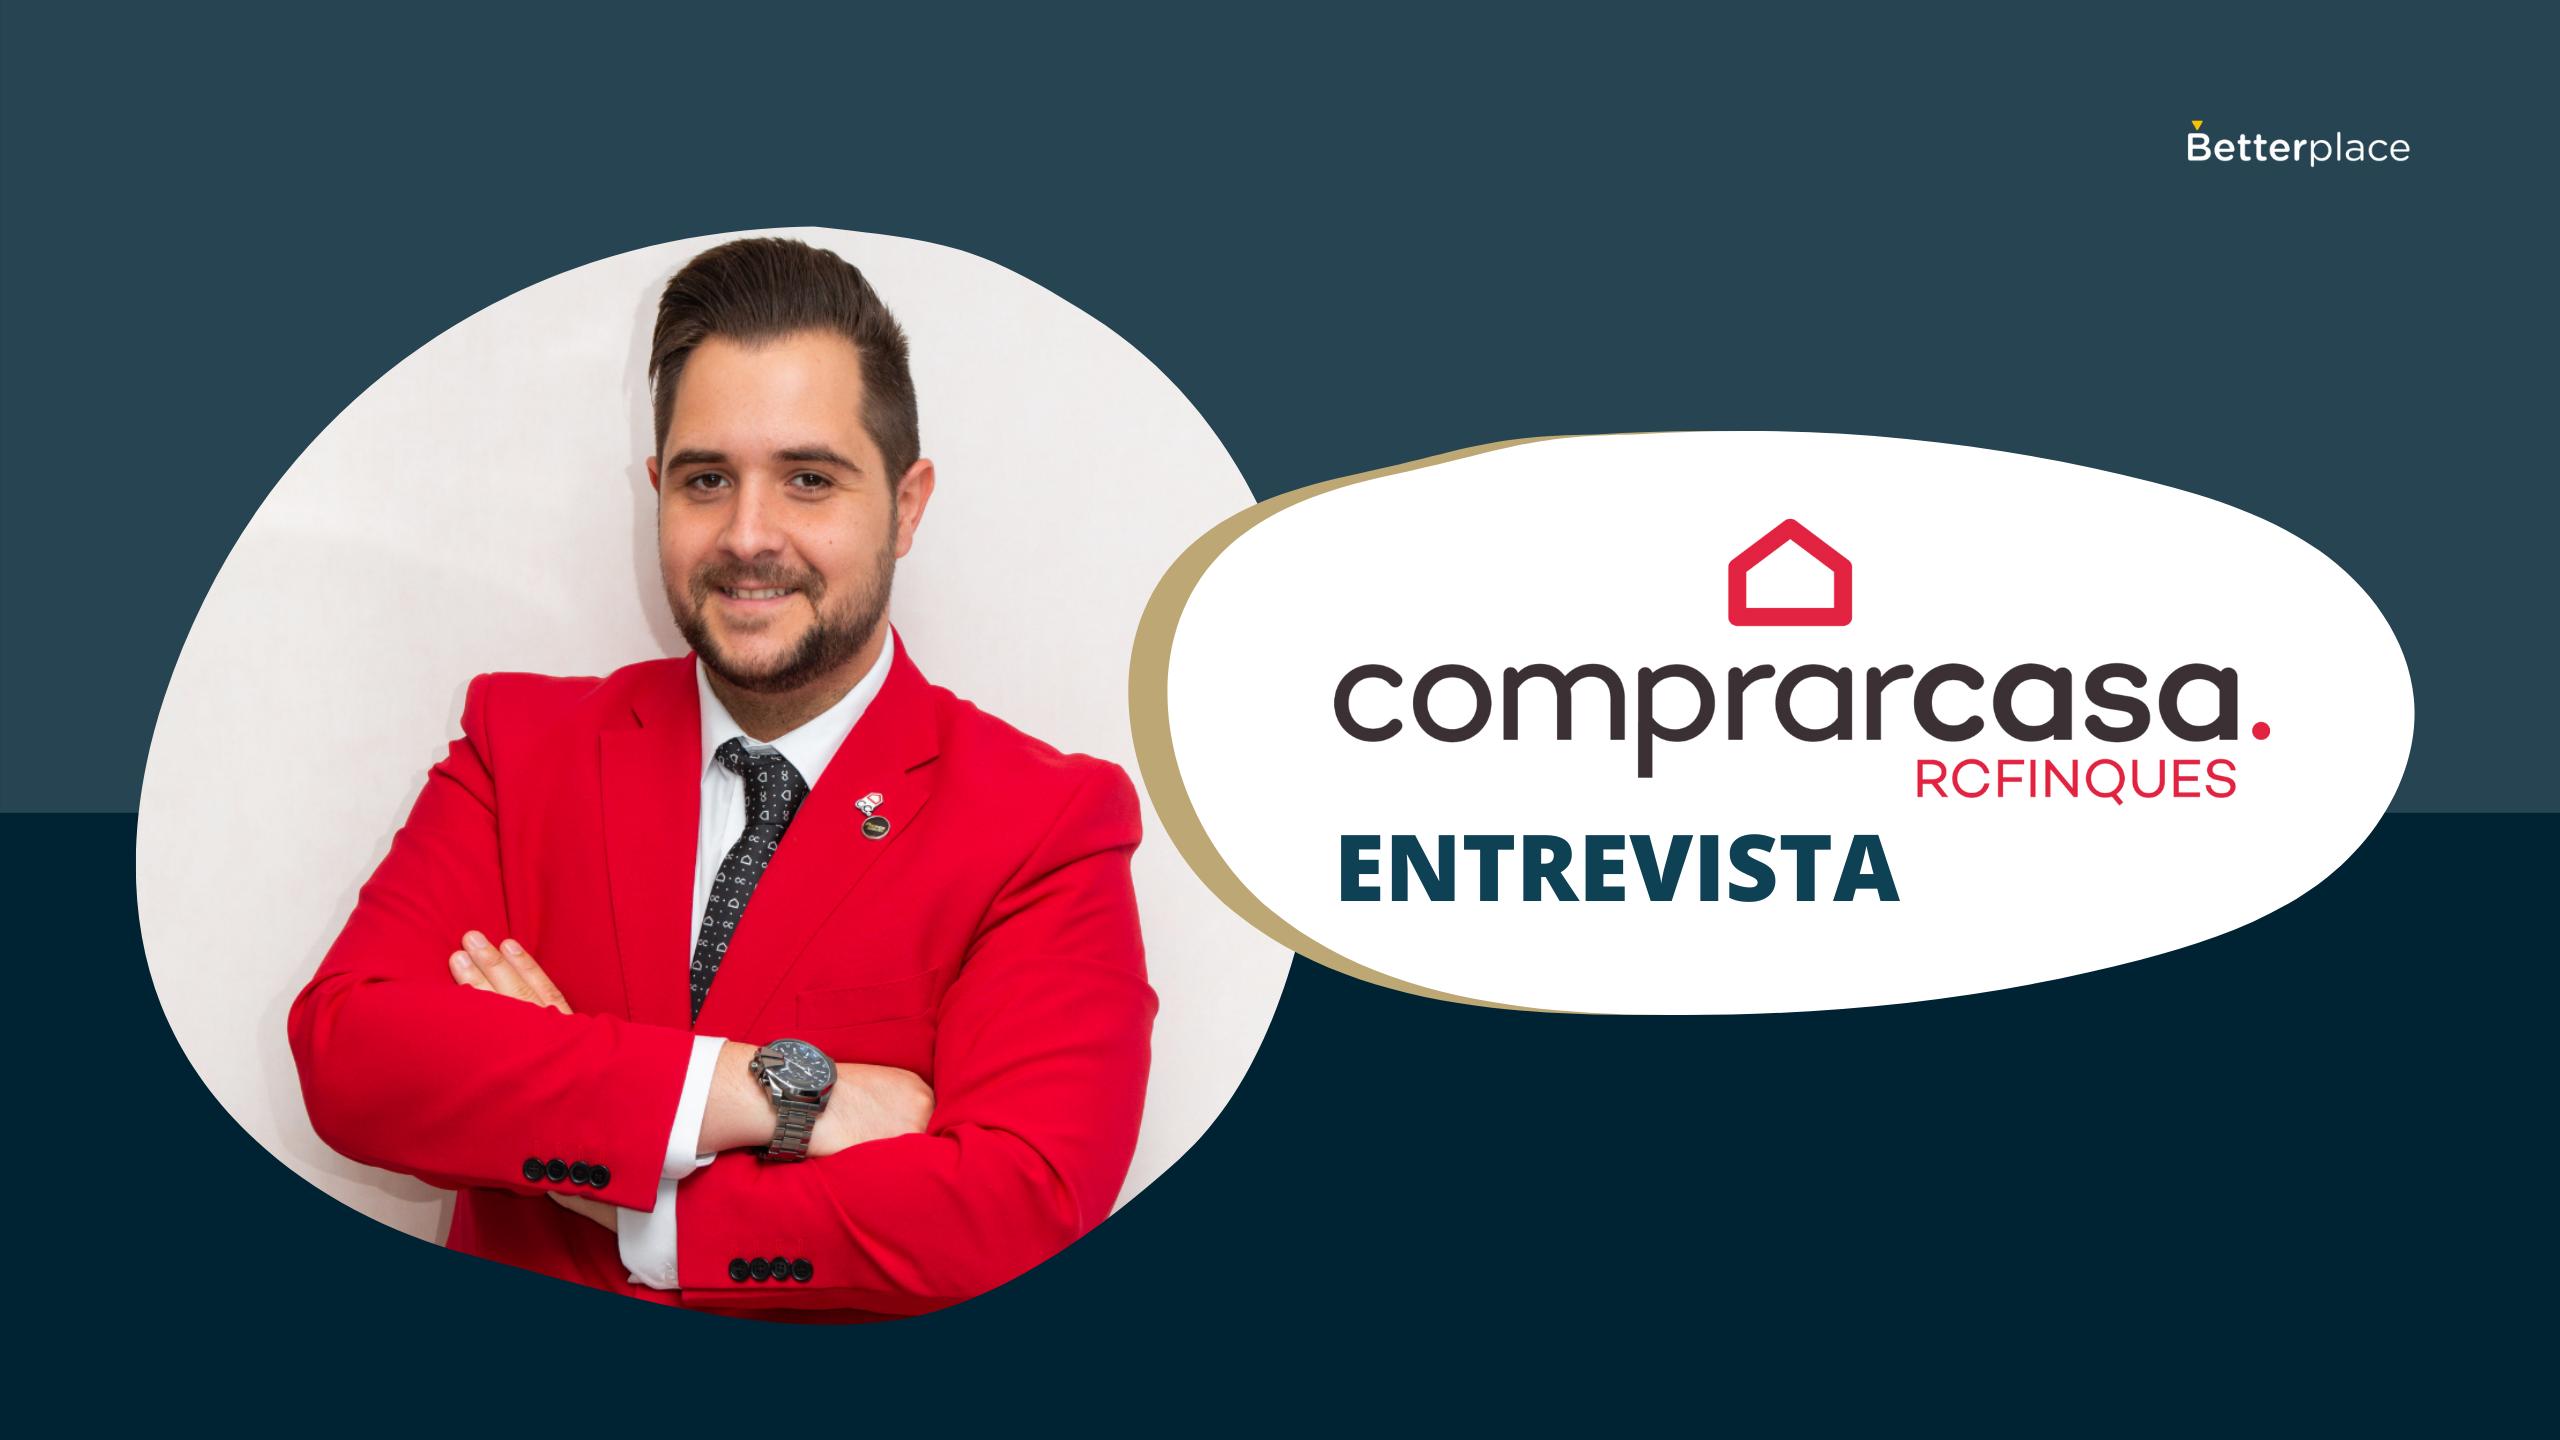 Todos los agentes de Comprarcasa RC Finques Sabadell apuestan por Betterplace